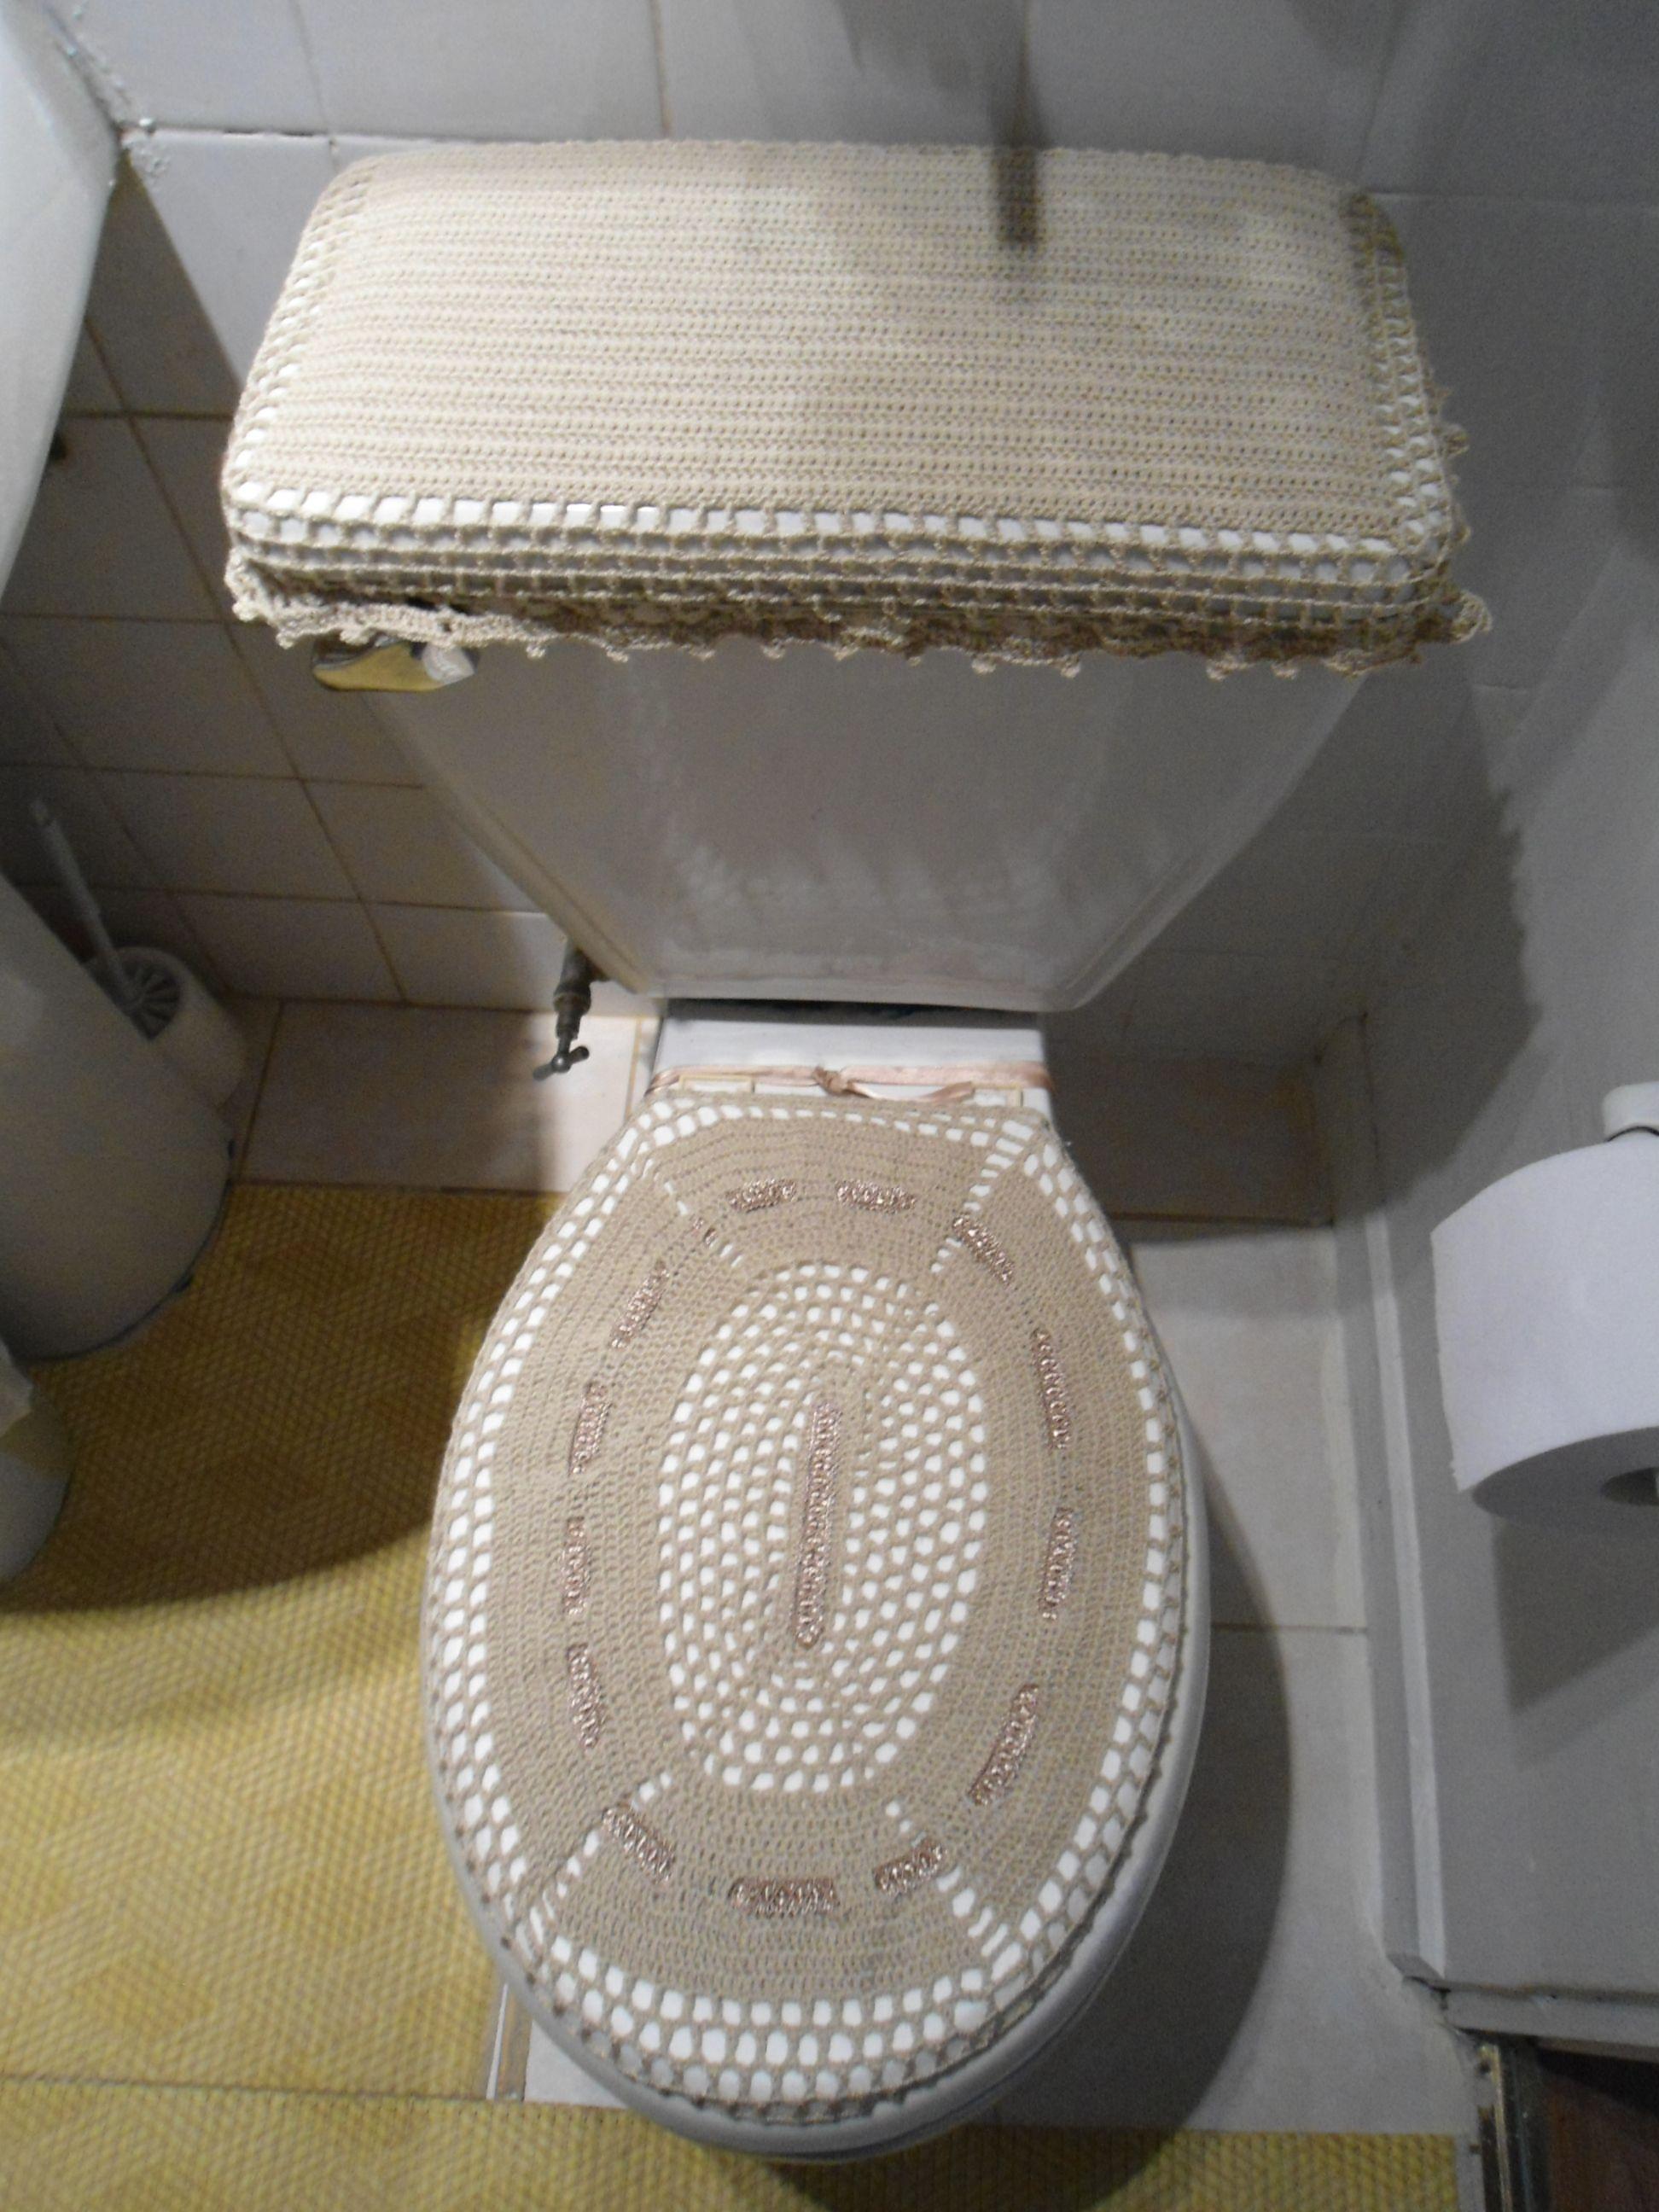 Juegos De Baño A Gancho:Juego de baño tejido a crochet